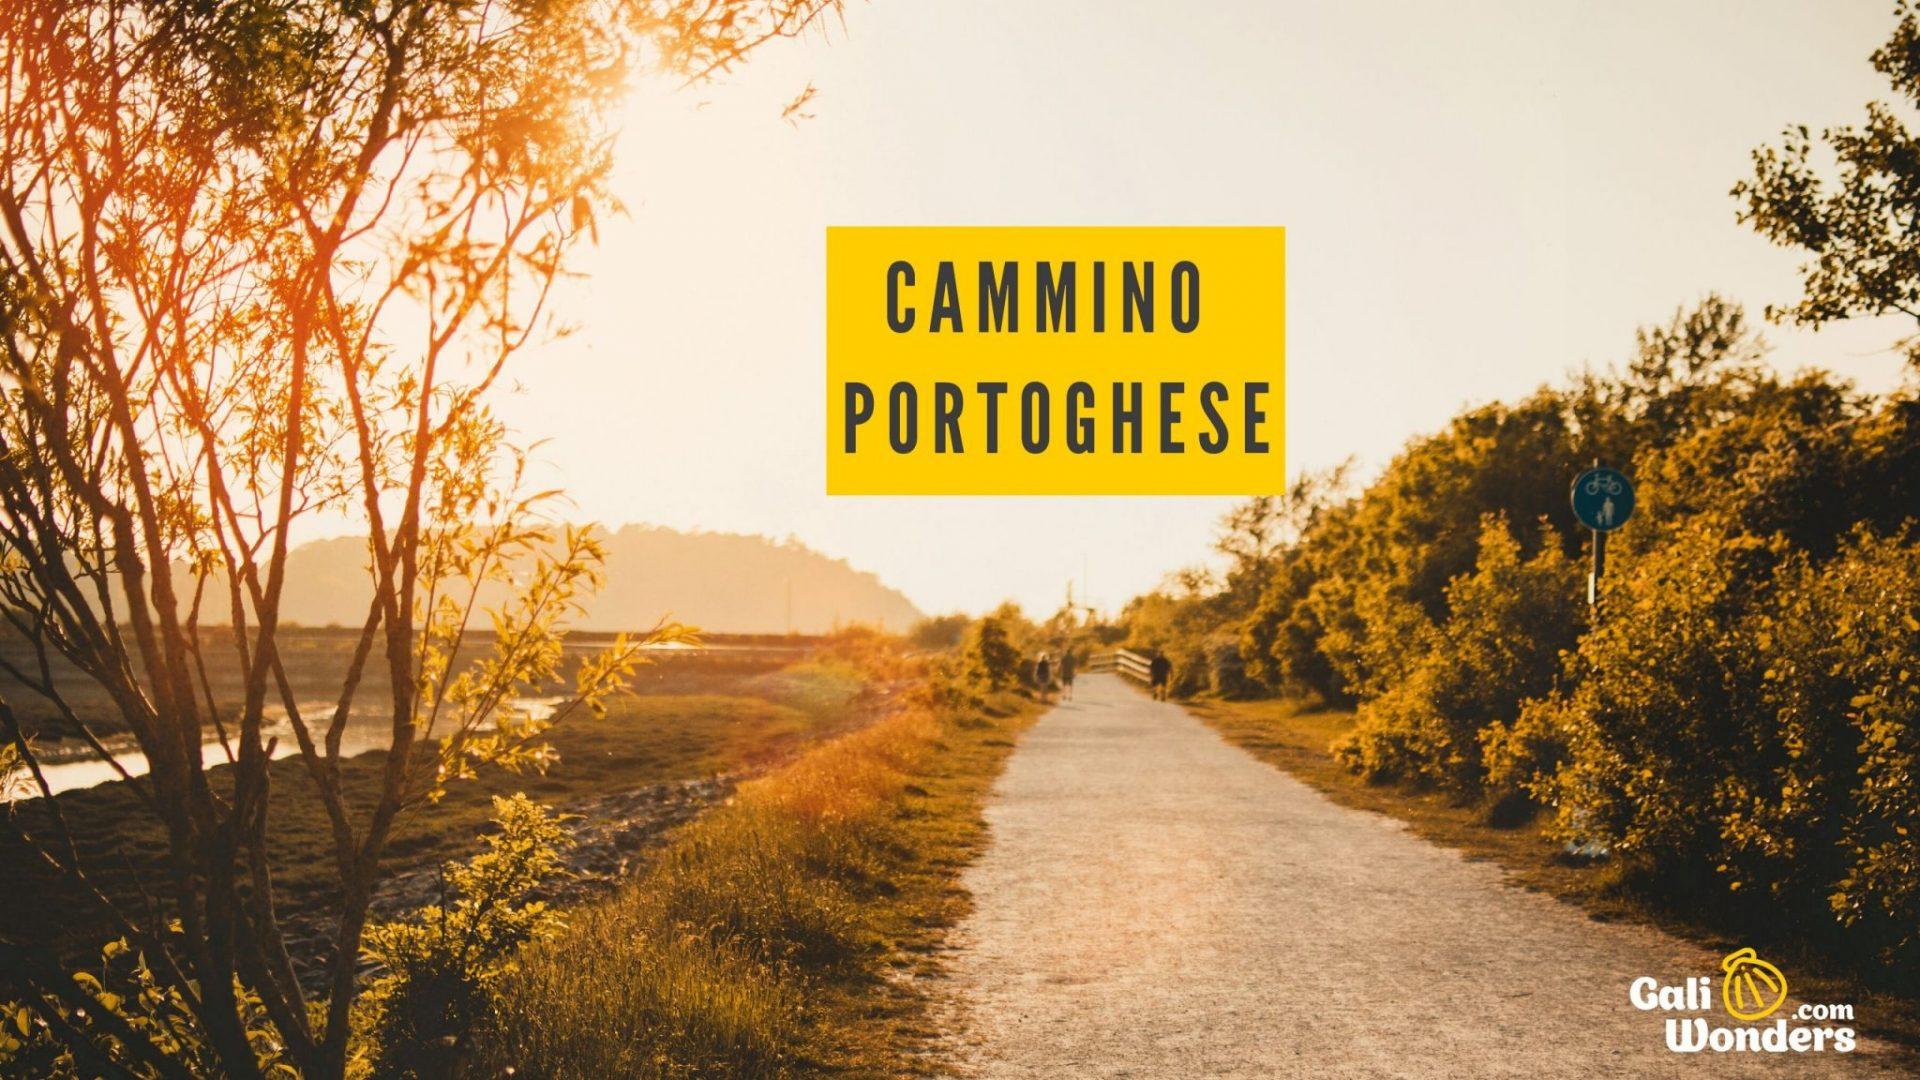 Cammino Portoghese Galiwonders